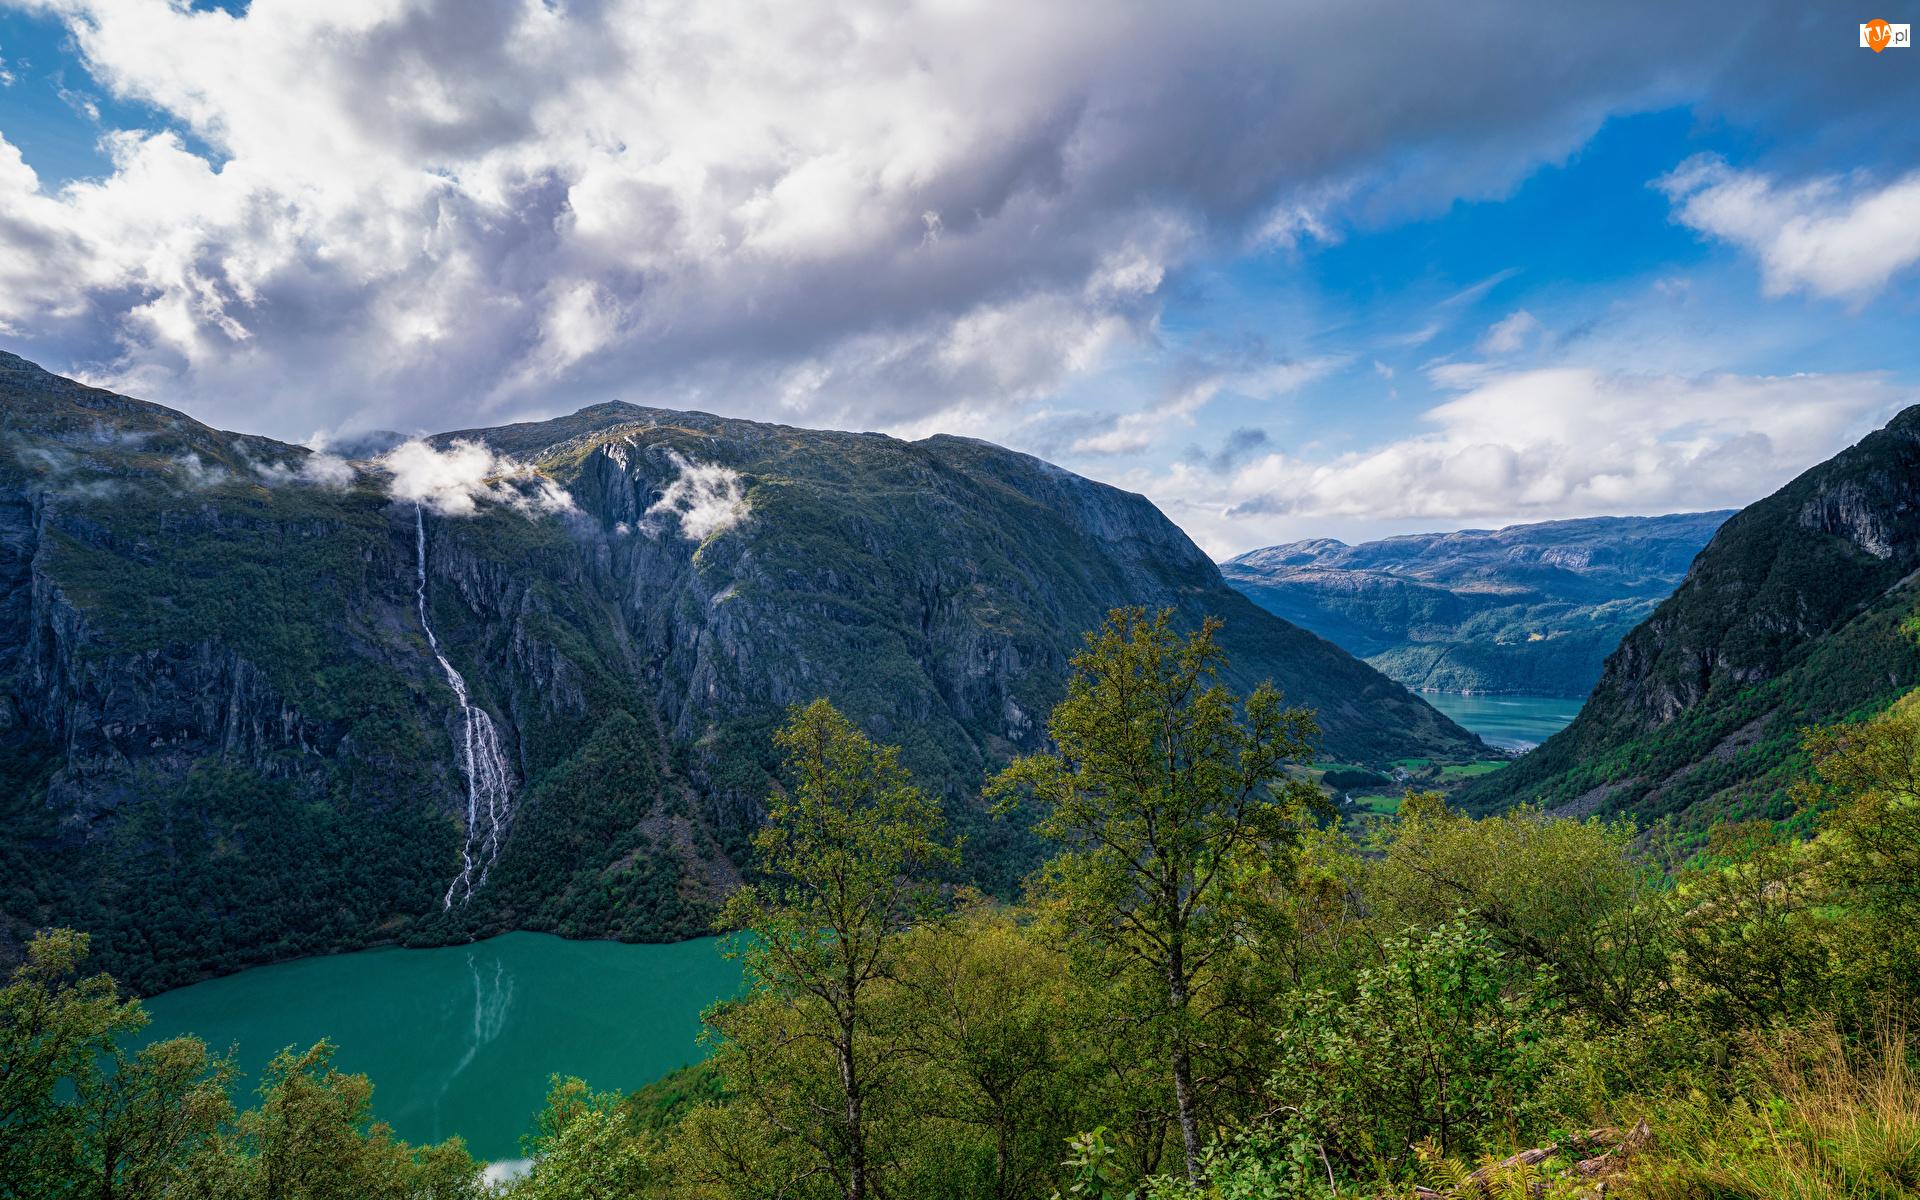 Jezioro, Chmury, Wodospad, Góry, Drzewa